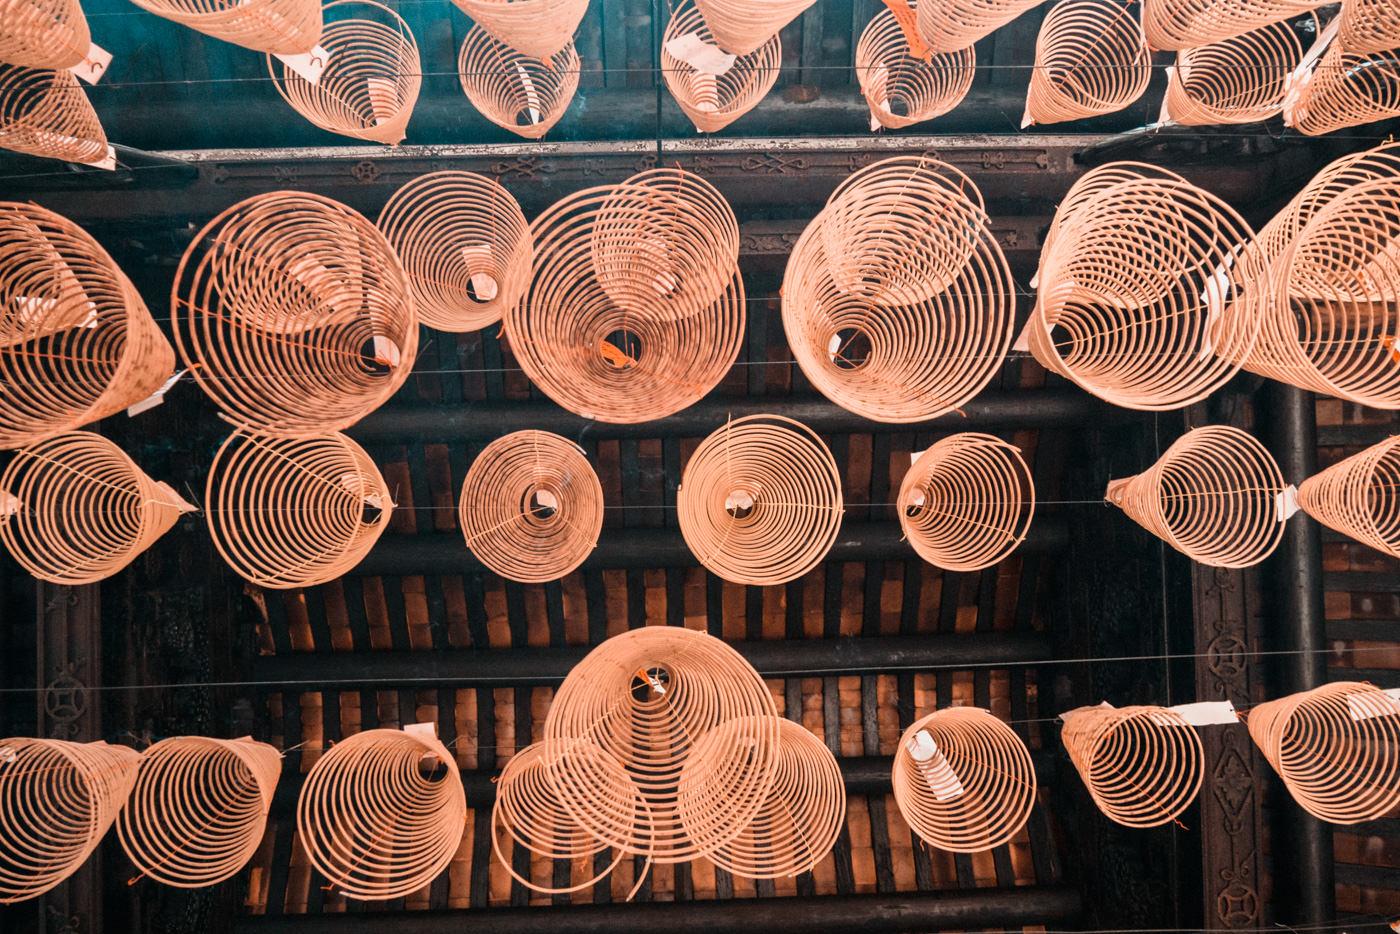 Räucherspiralen in Pagoda in Vietnam